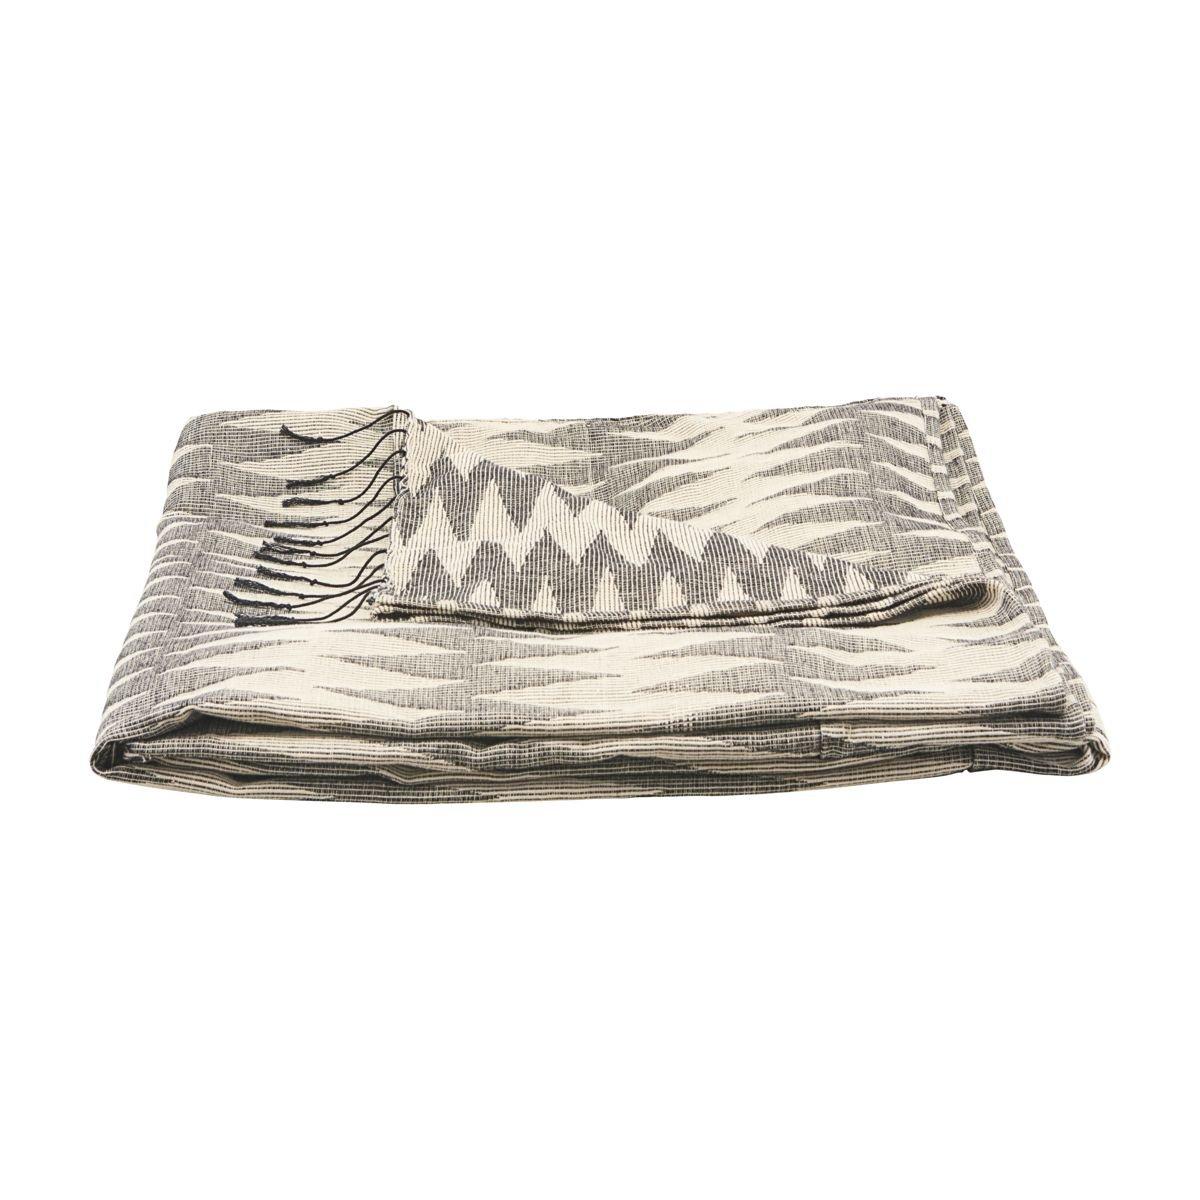 Šedo-krémová deka Totem